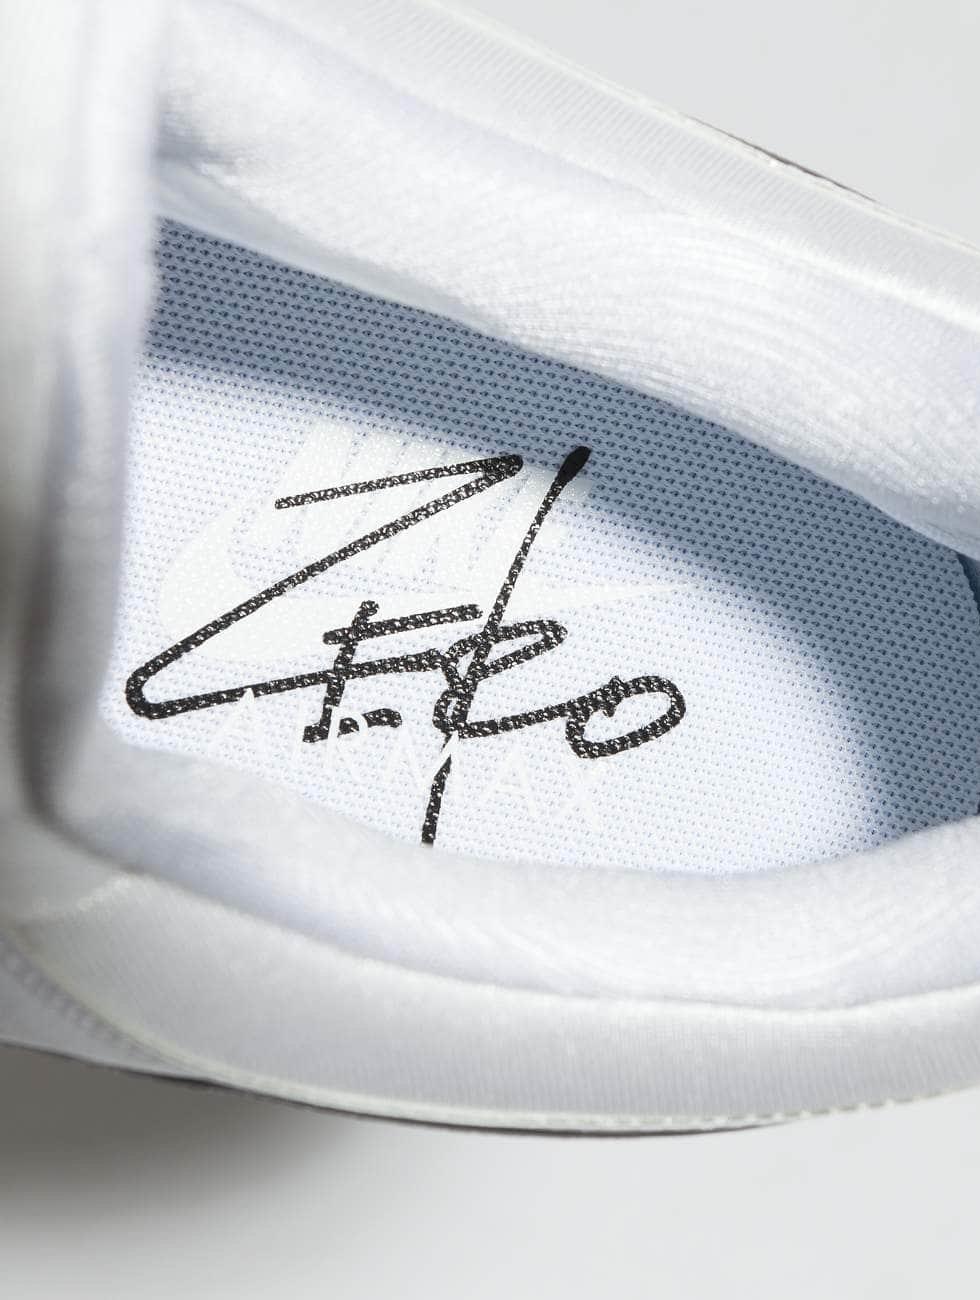 De Nombreux Types De Ligne Nike Air Schoen / Chaussure Max Zéro S Essentiels Dans L'esprit 496785 Vente Pas Cher Vraiment Jeu Avec Carte De Crédit La Sortie Des Prix Bon Marché La Sortie Abordable ZdFxf